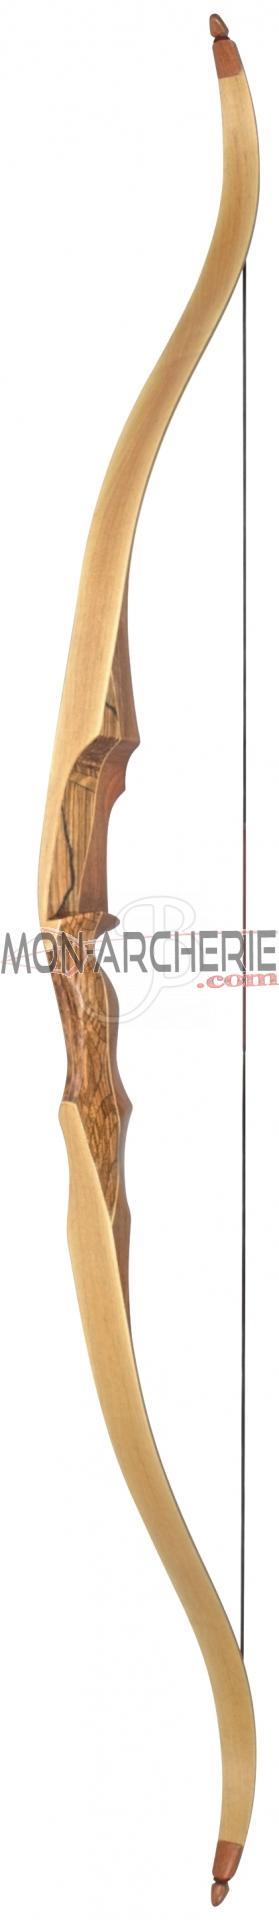 Arc chasse Big Archery Kudu